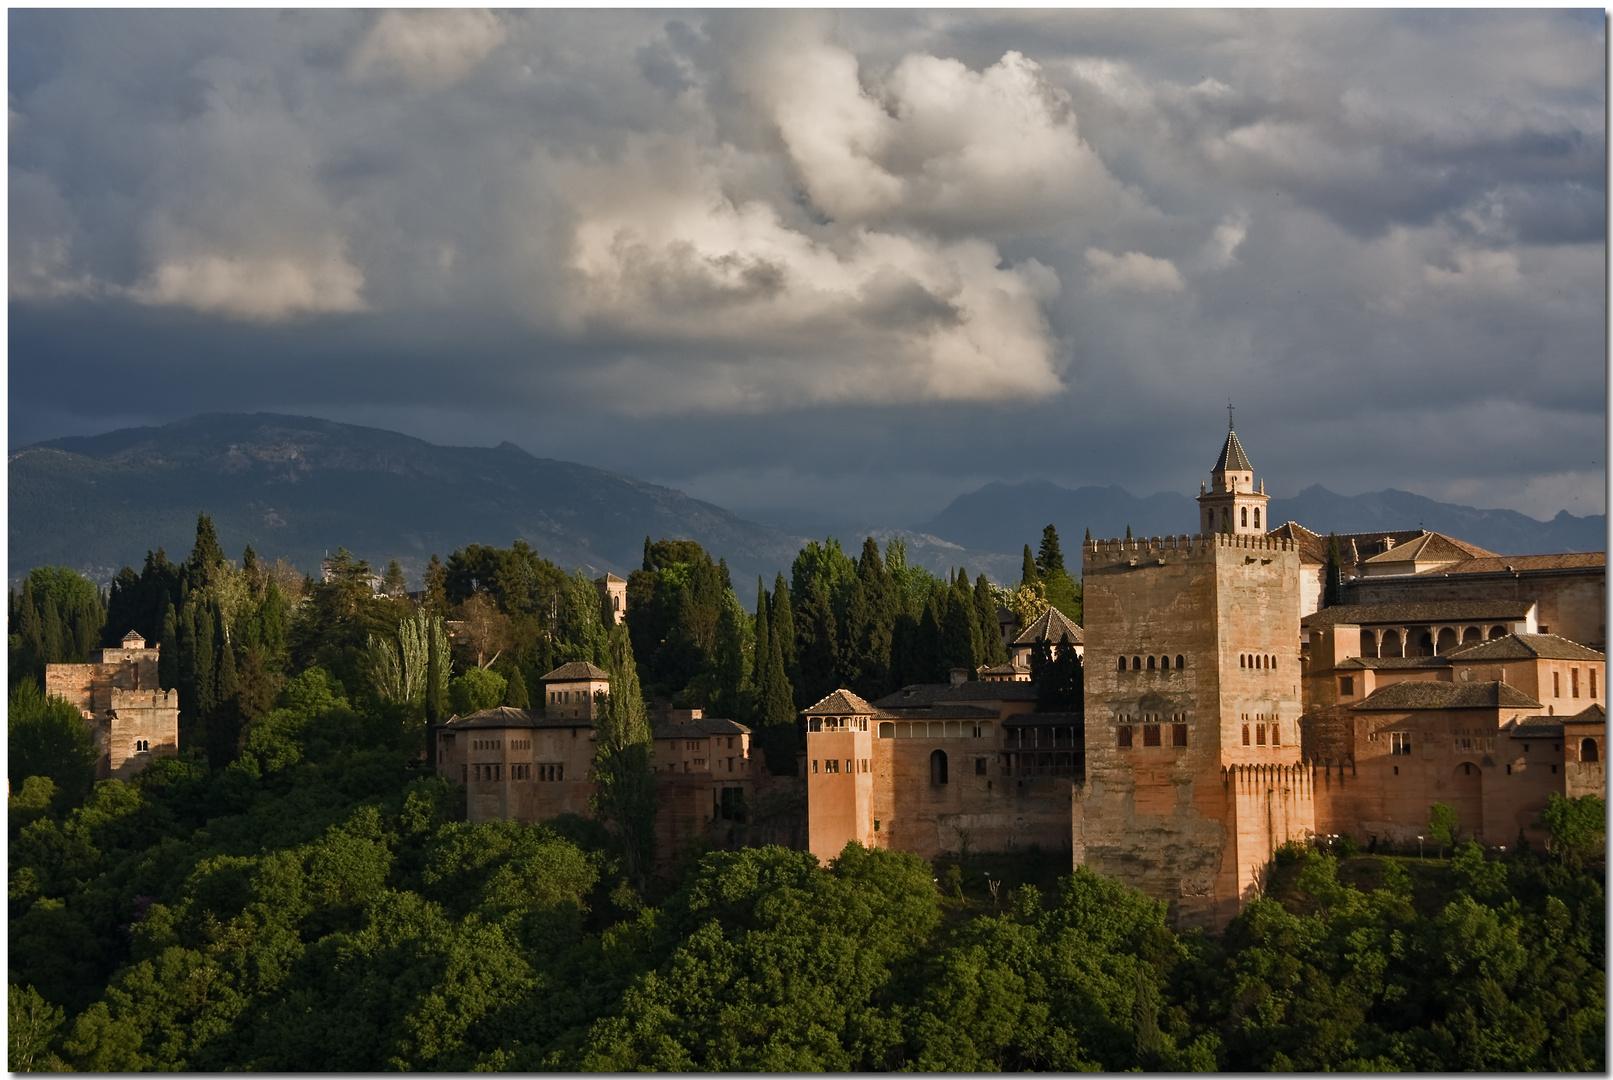 Recuerdos de la Alhambra. Esa luz...